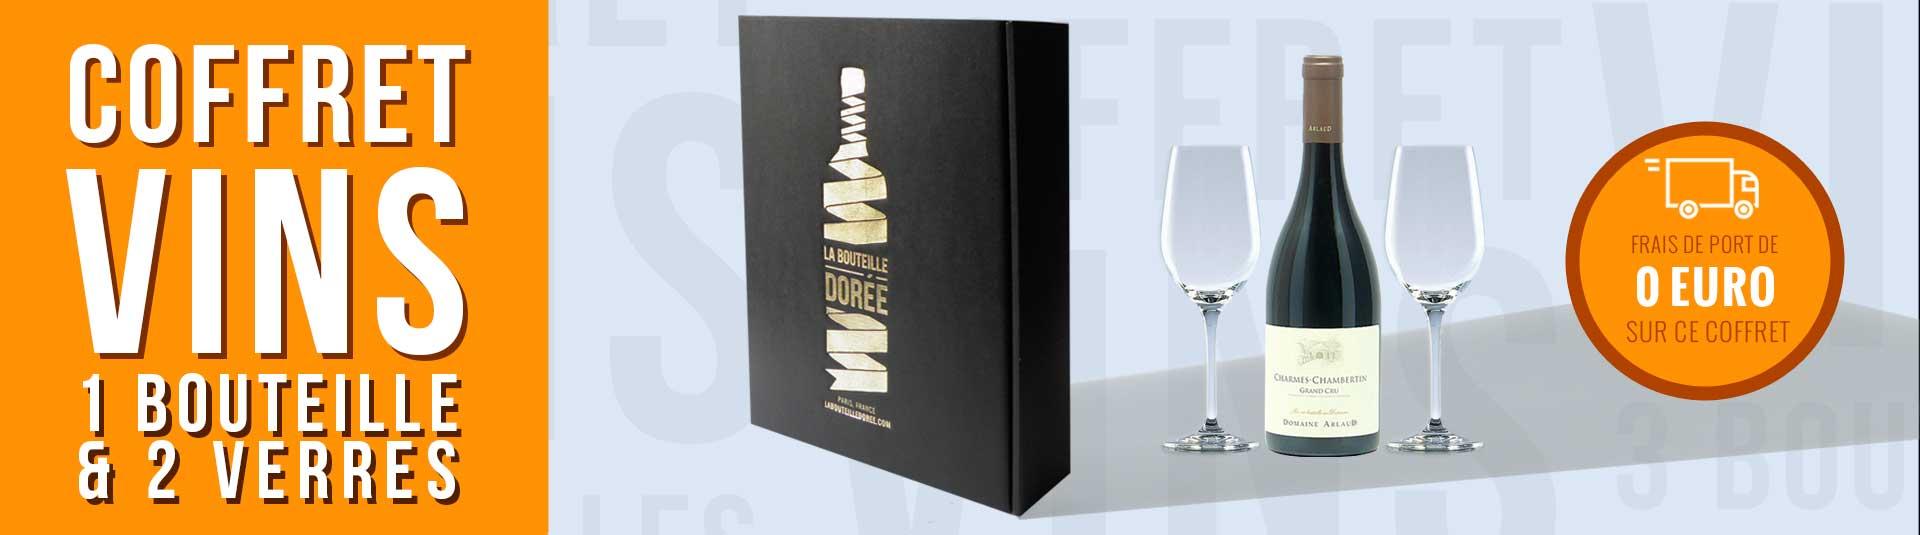 coffret vin Charmes Chambertin et 2 verres